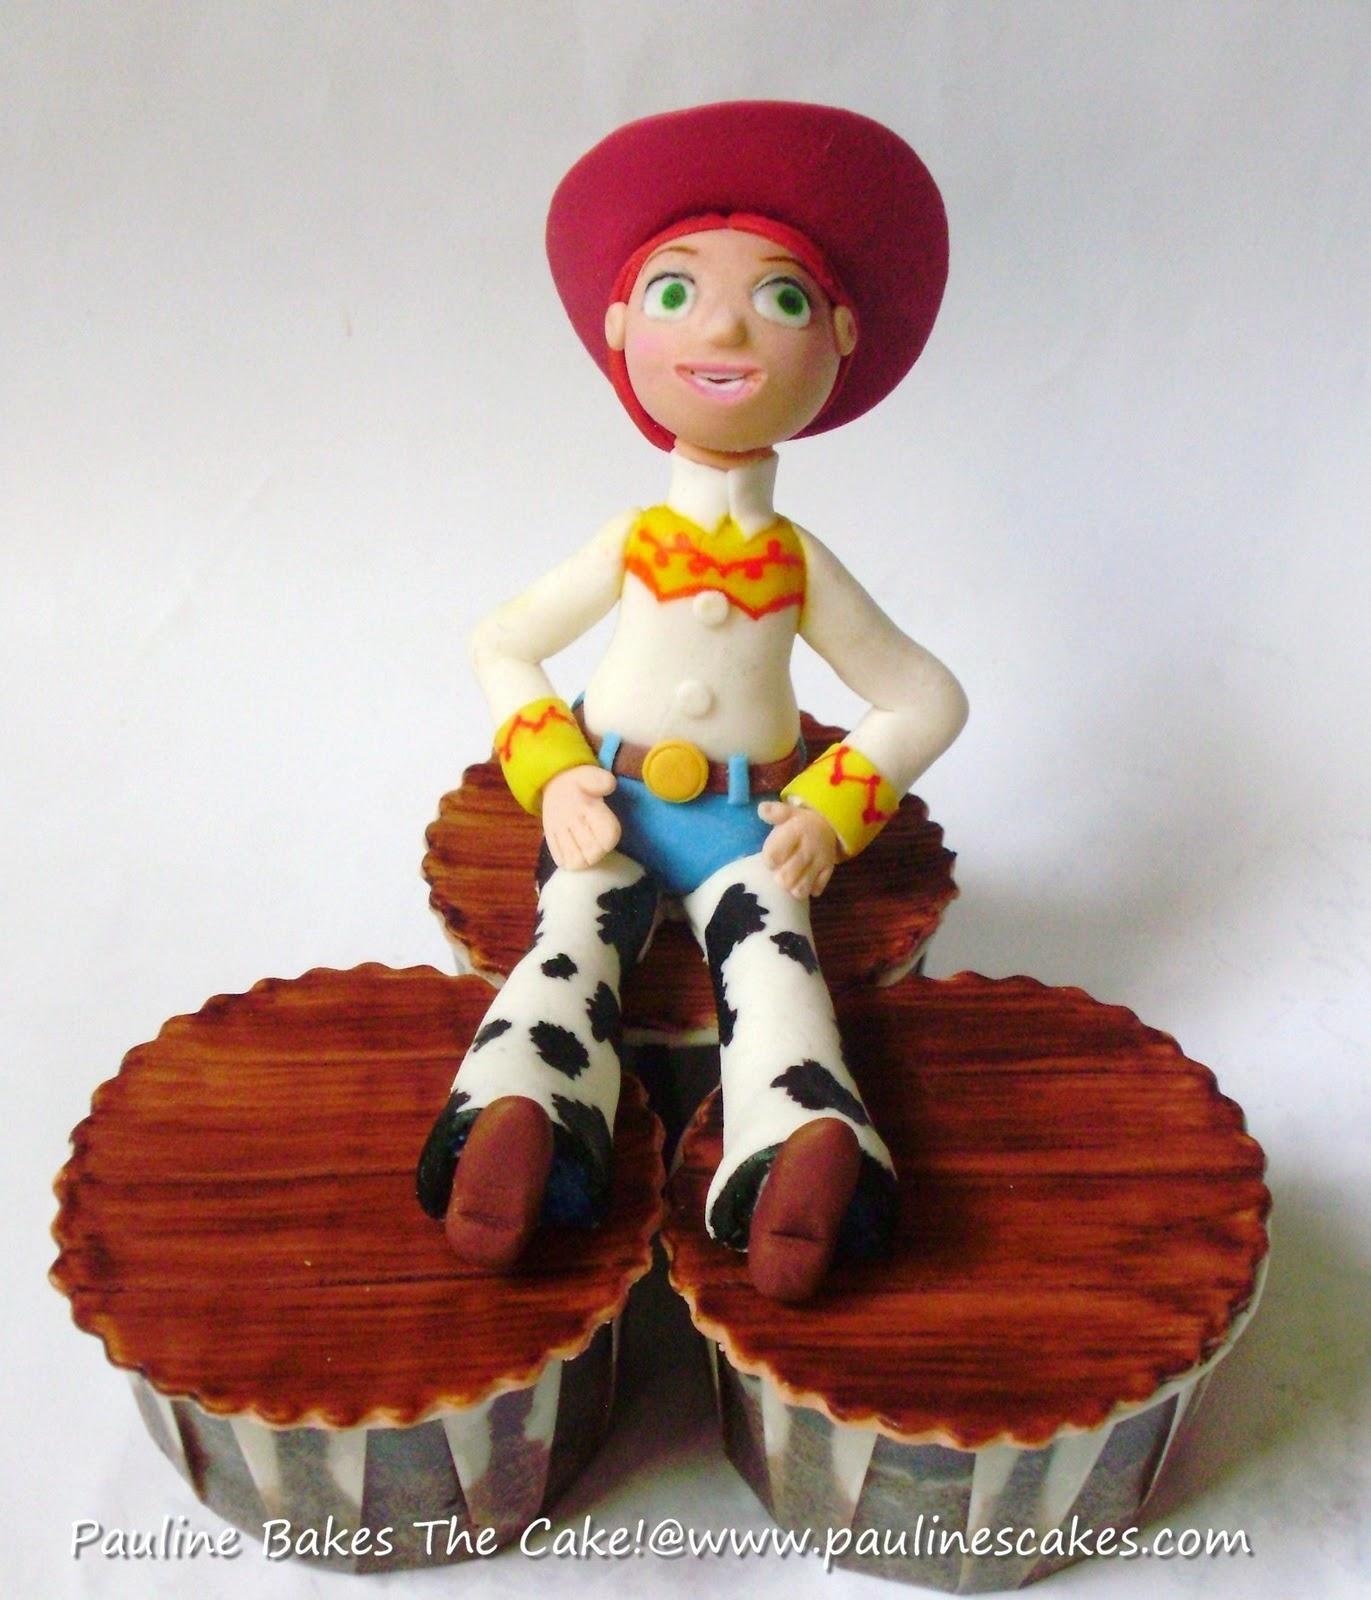 Toy Story Jessie Cowgirl